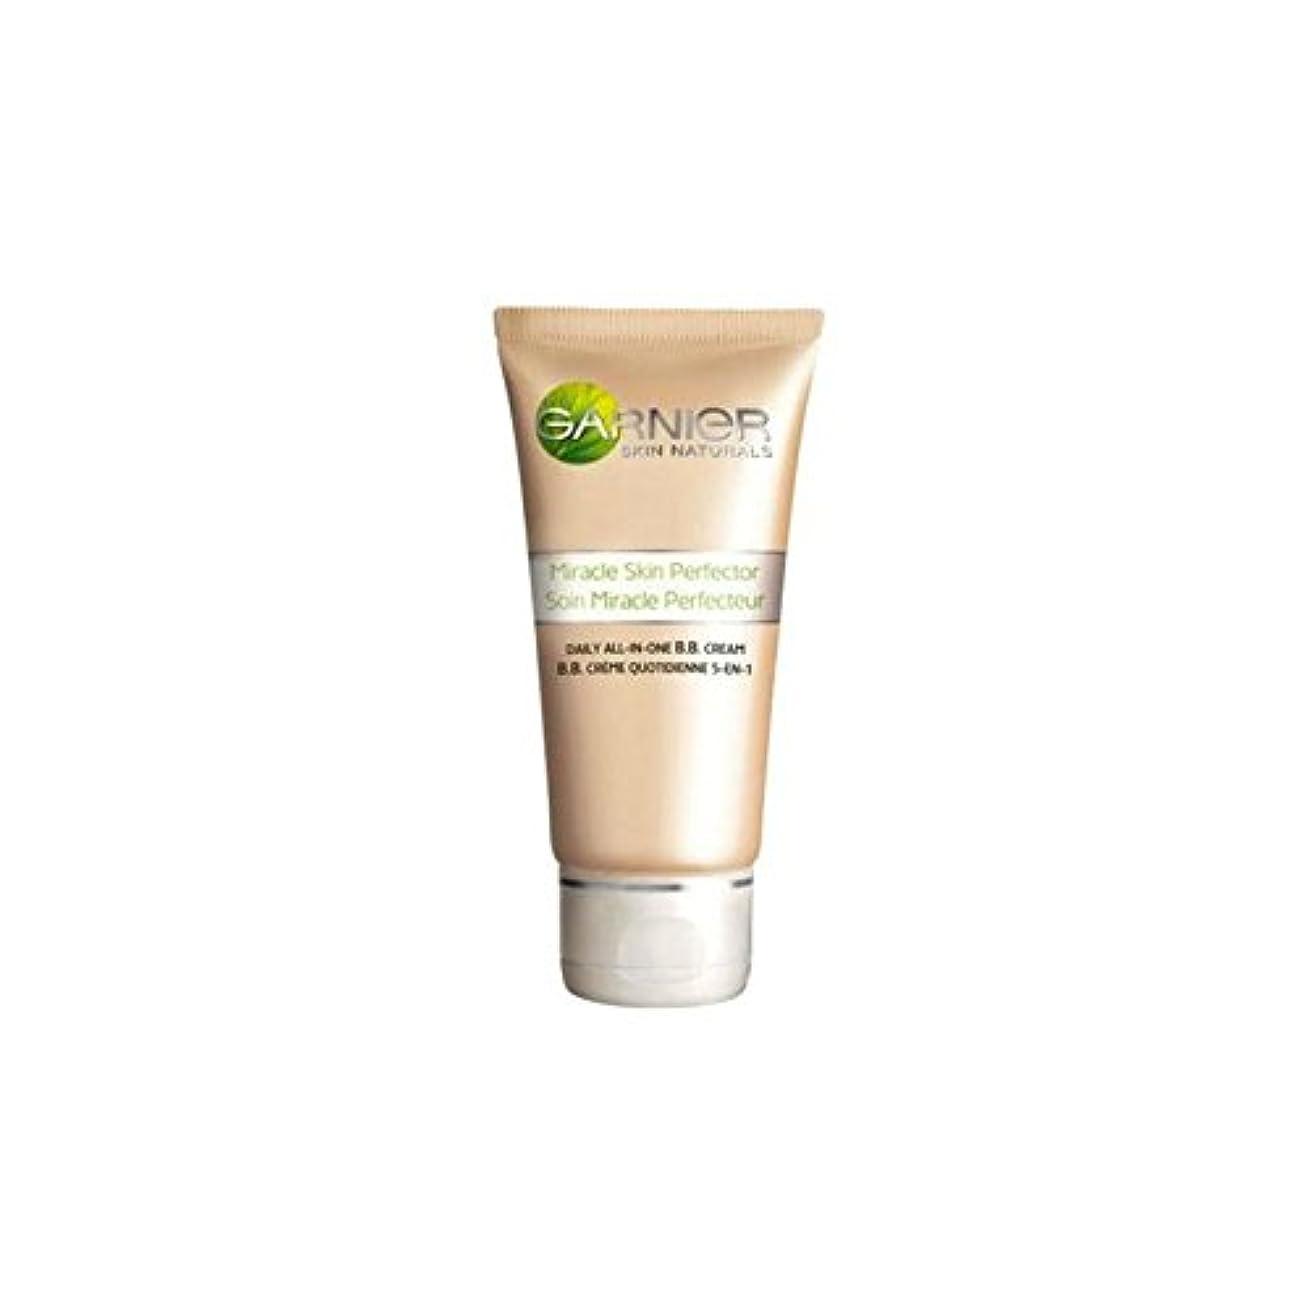 家お世話になった夢Garnier Original Medium Bb Cream (50ml) (Pack of 6) - ガルニエオリジナル媒体クリーム(50)中 x6 [並行輸入品]